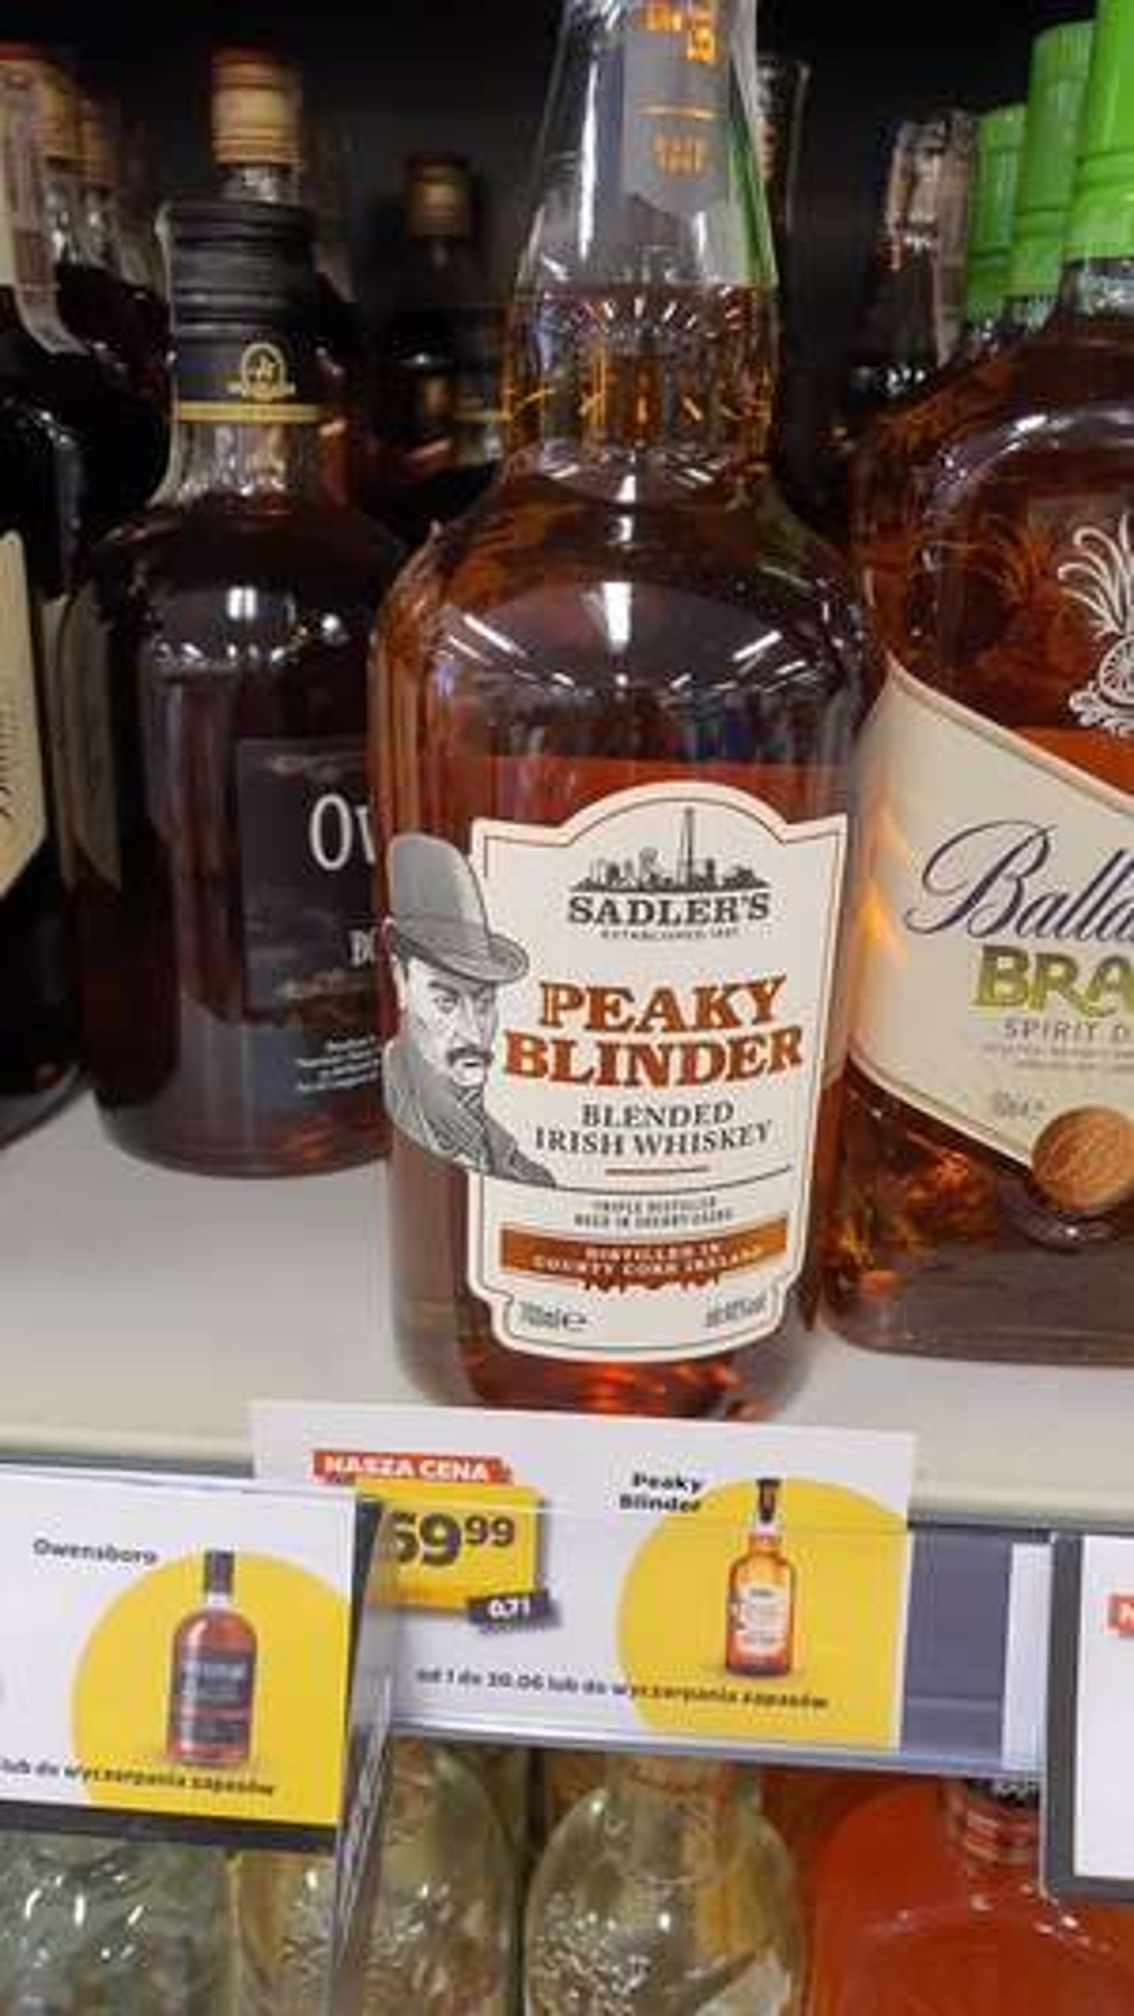 Peaky Blinder whiskey 0,7l